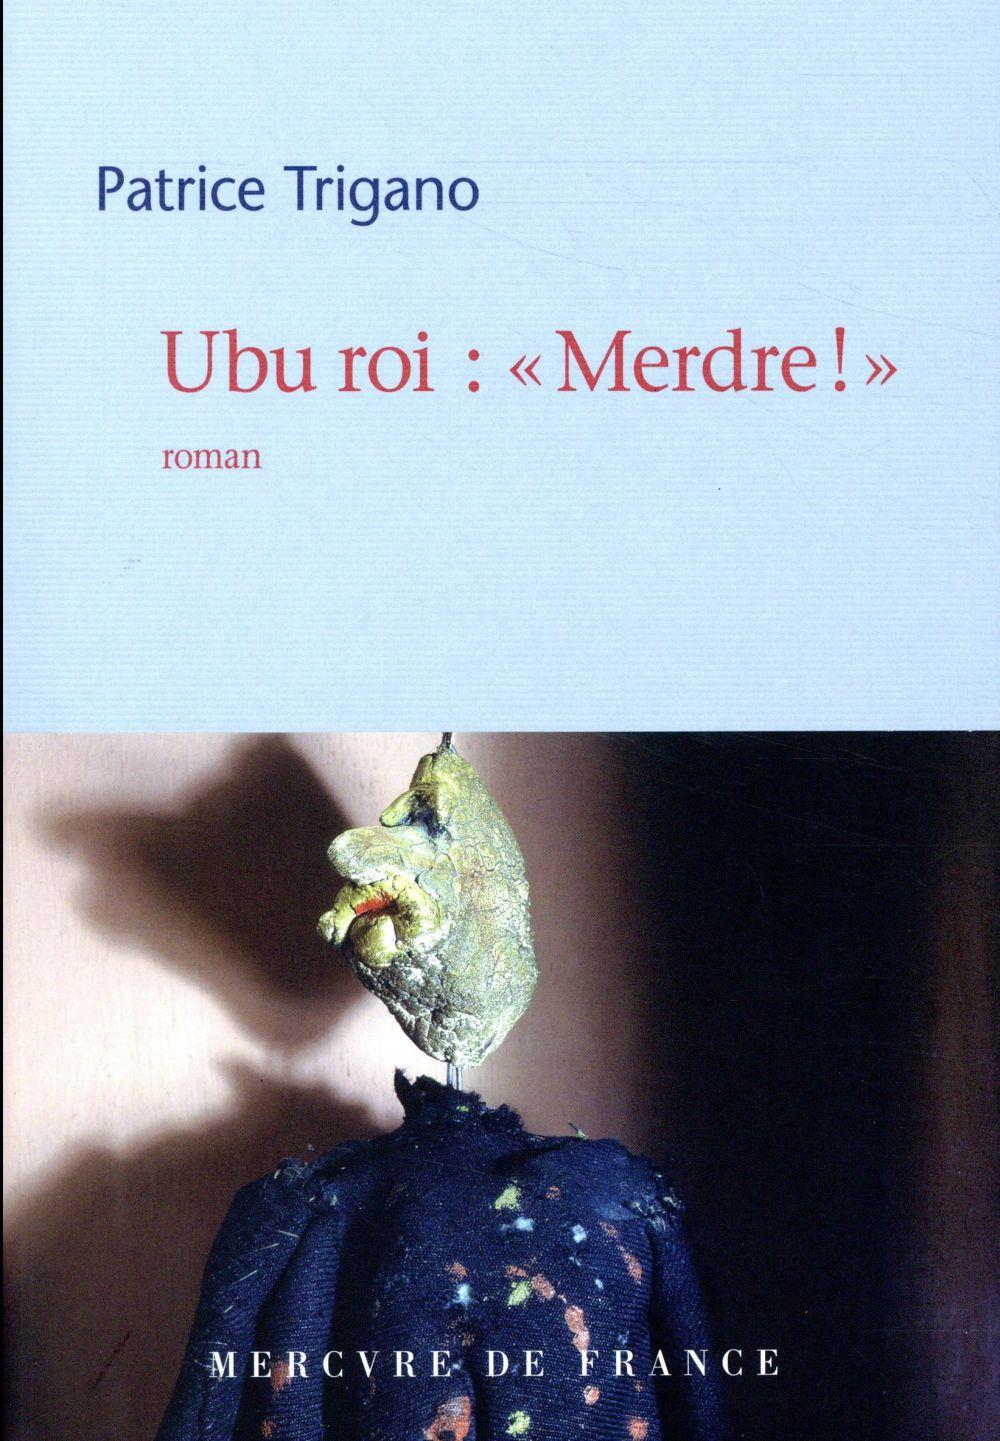 Ubu roi :